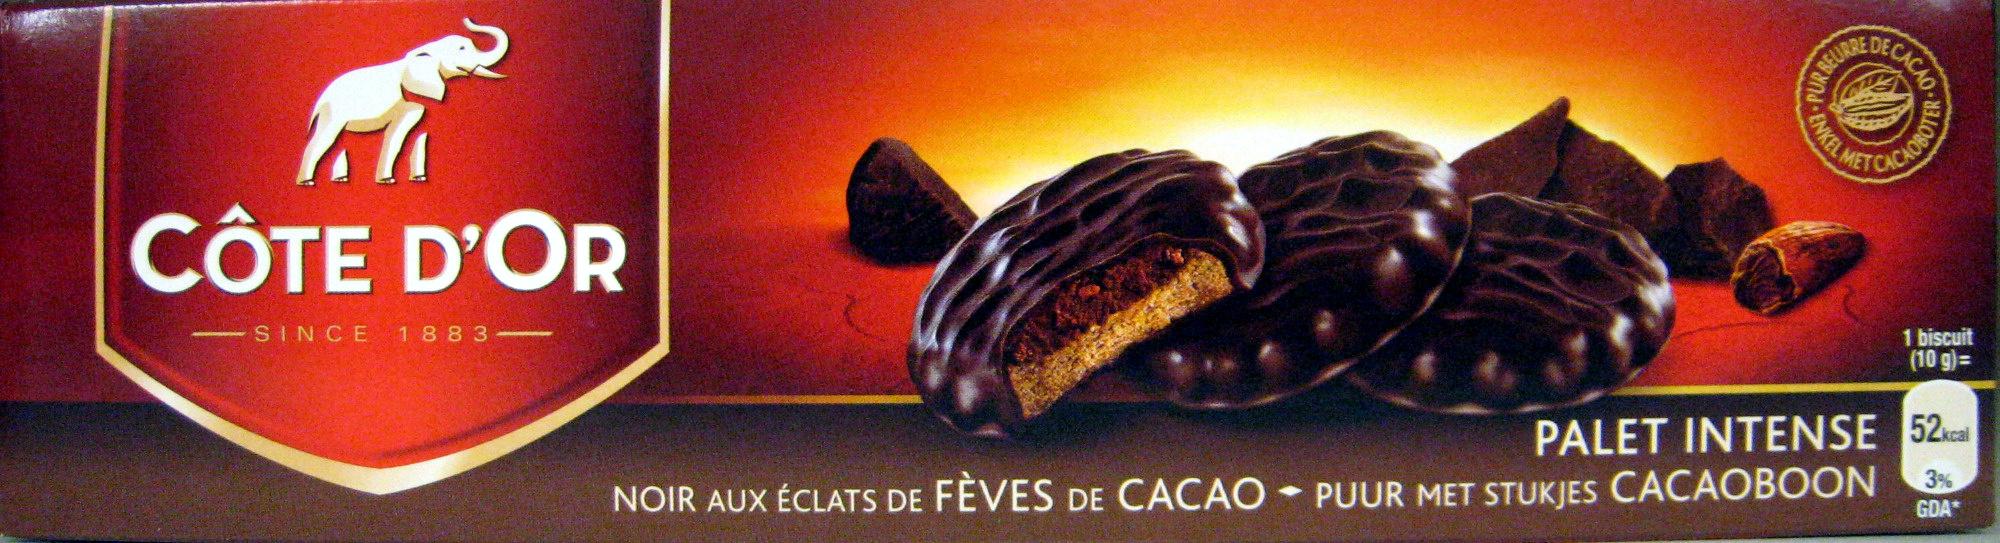 Palet intense Noir aux éclats de fèves de cacao - Product - fr